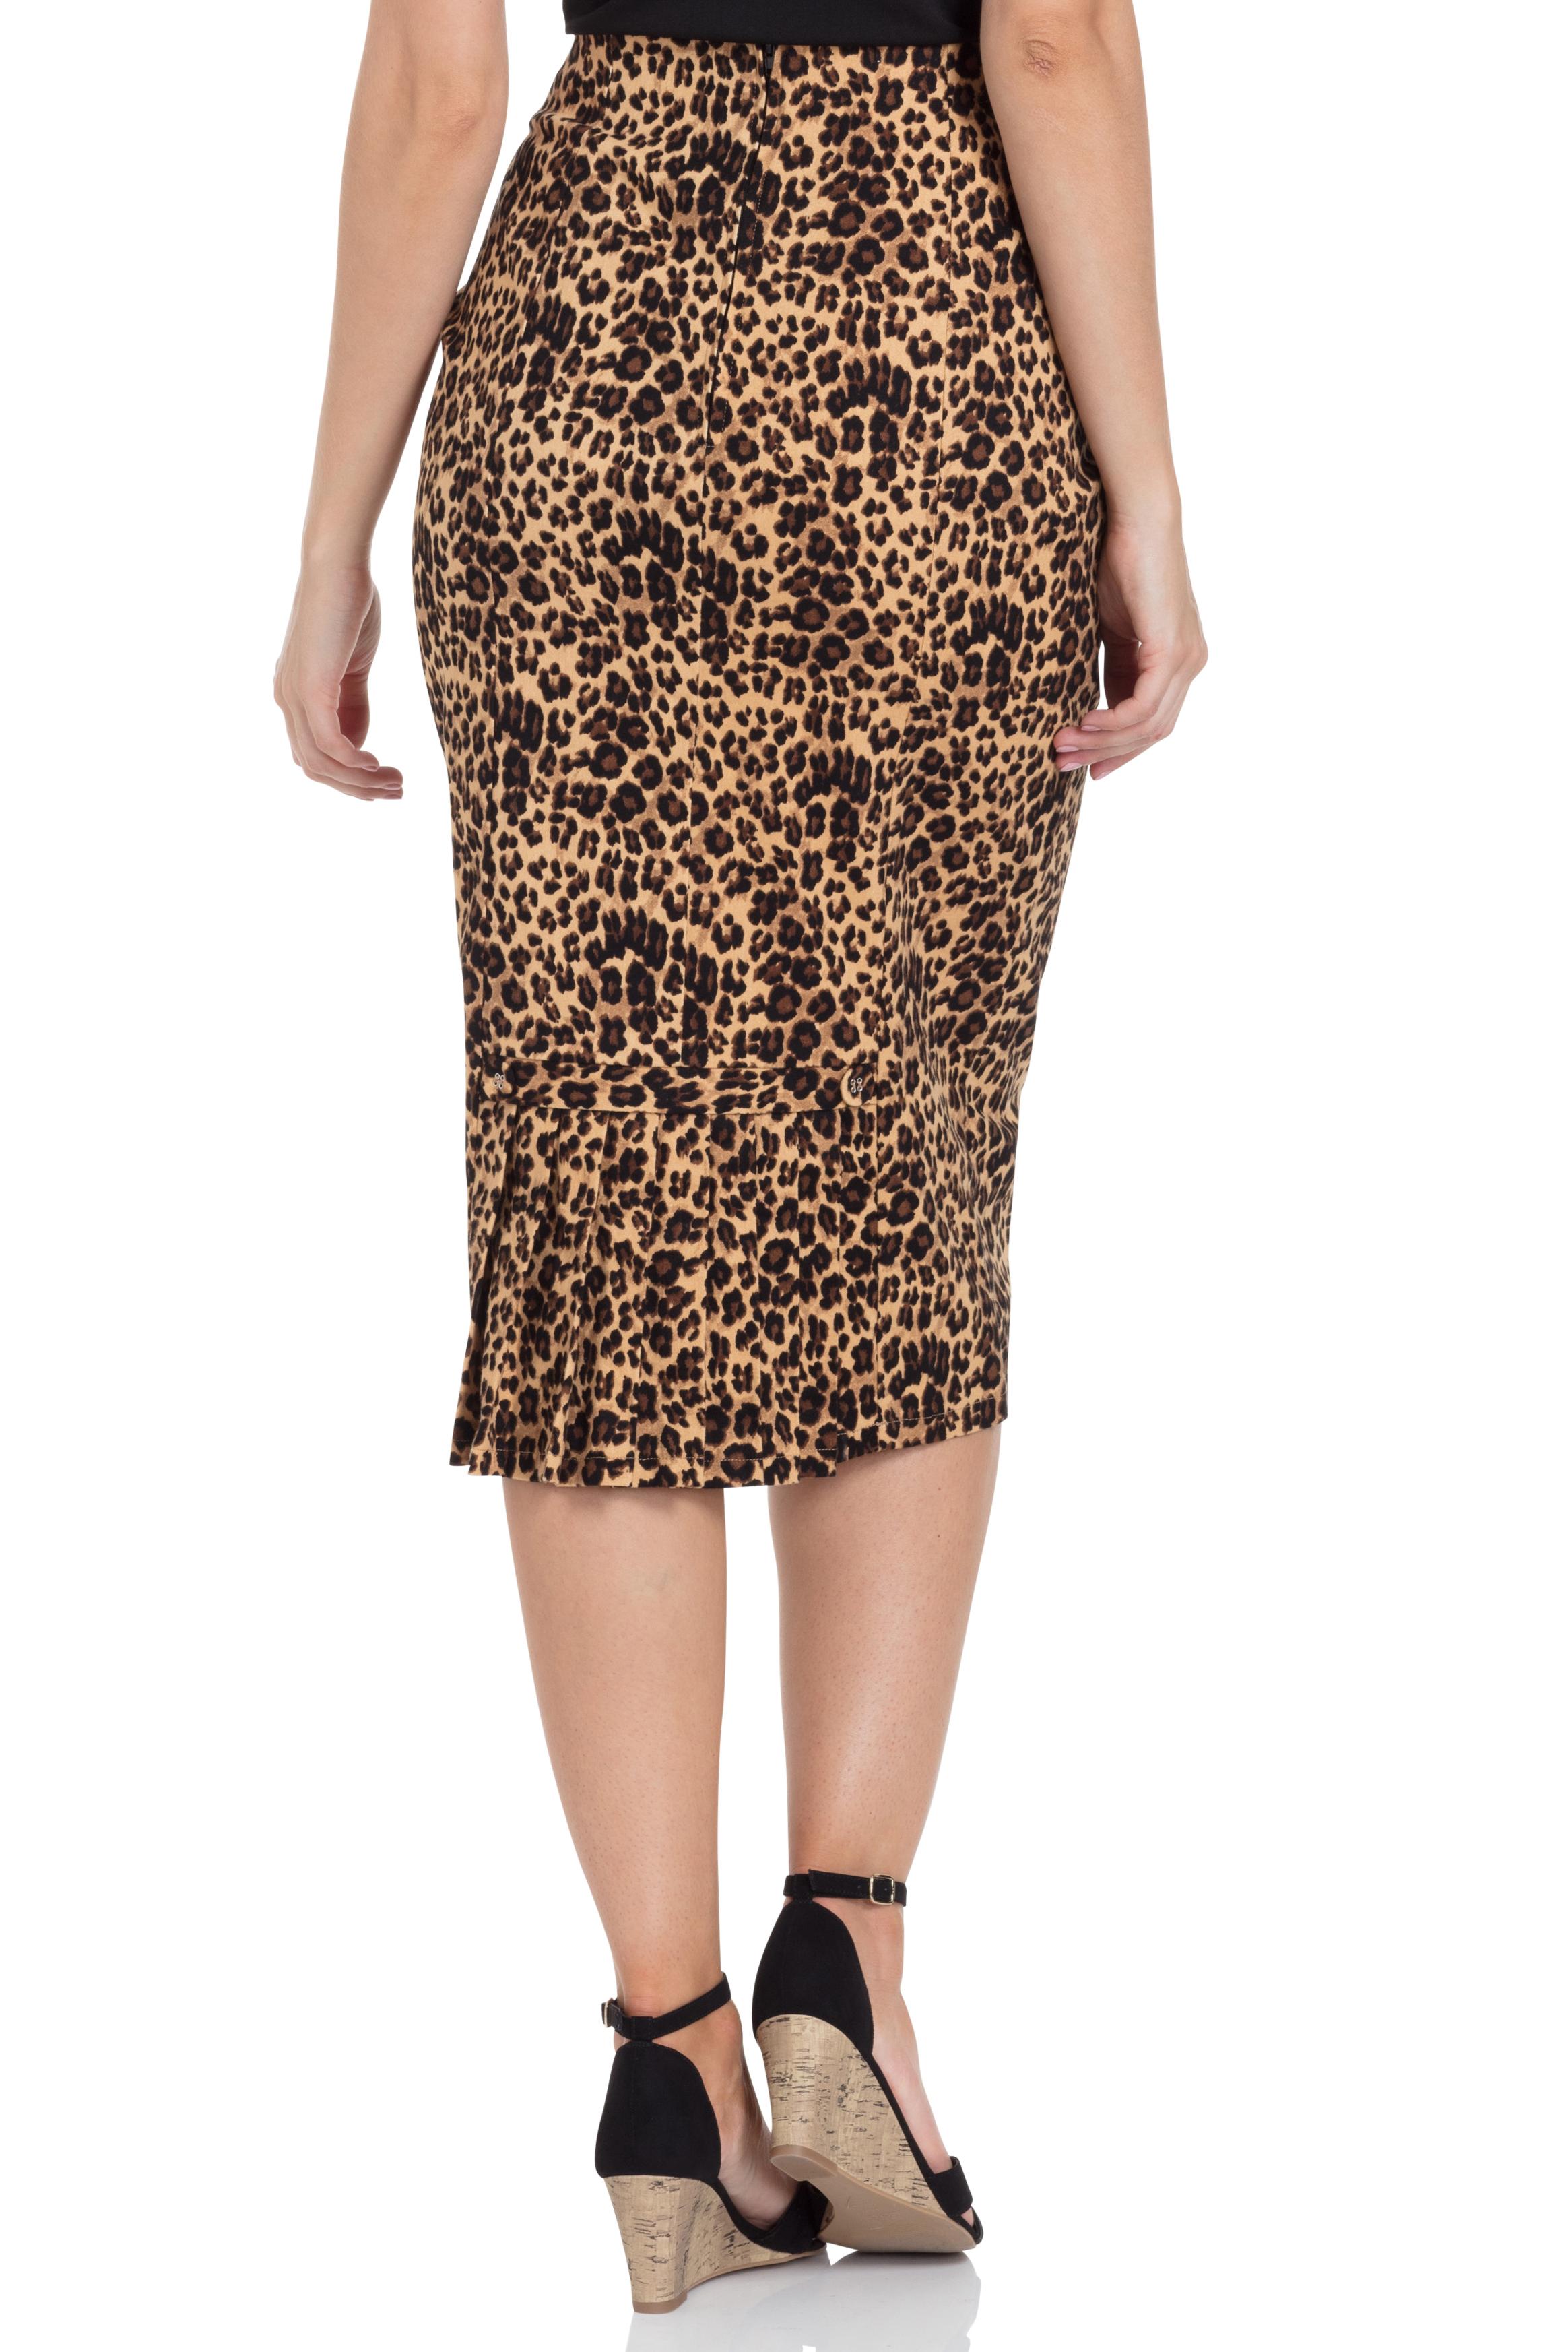 Izzy Leopard Print Wiggle Skirt